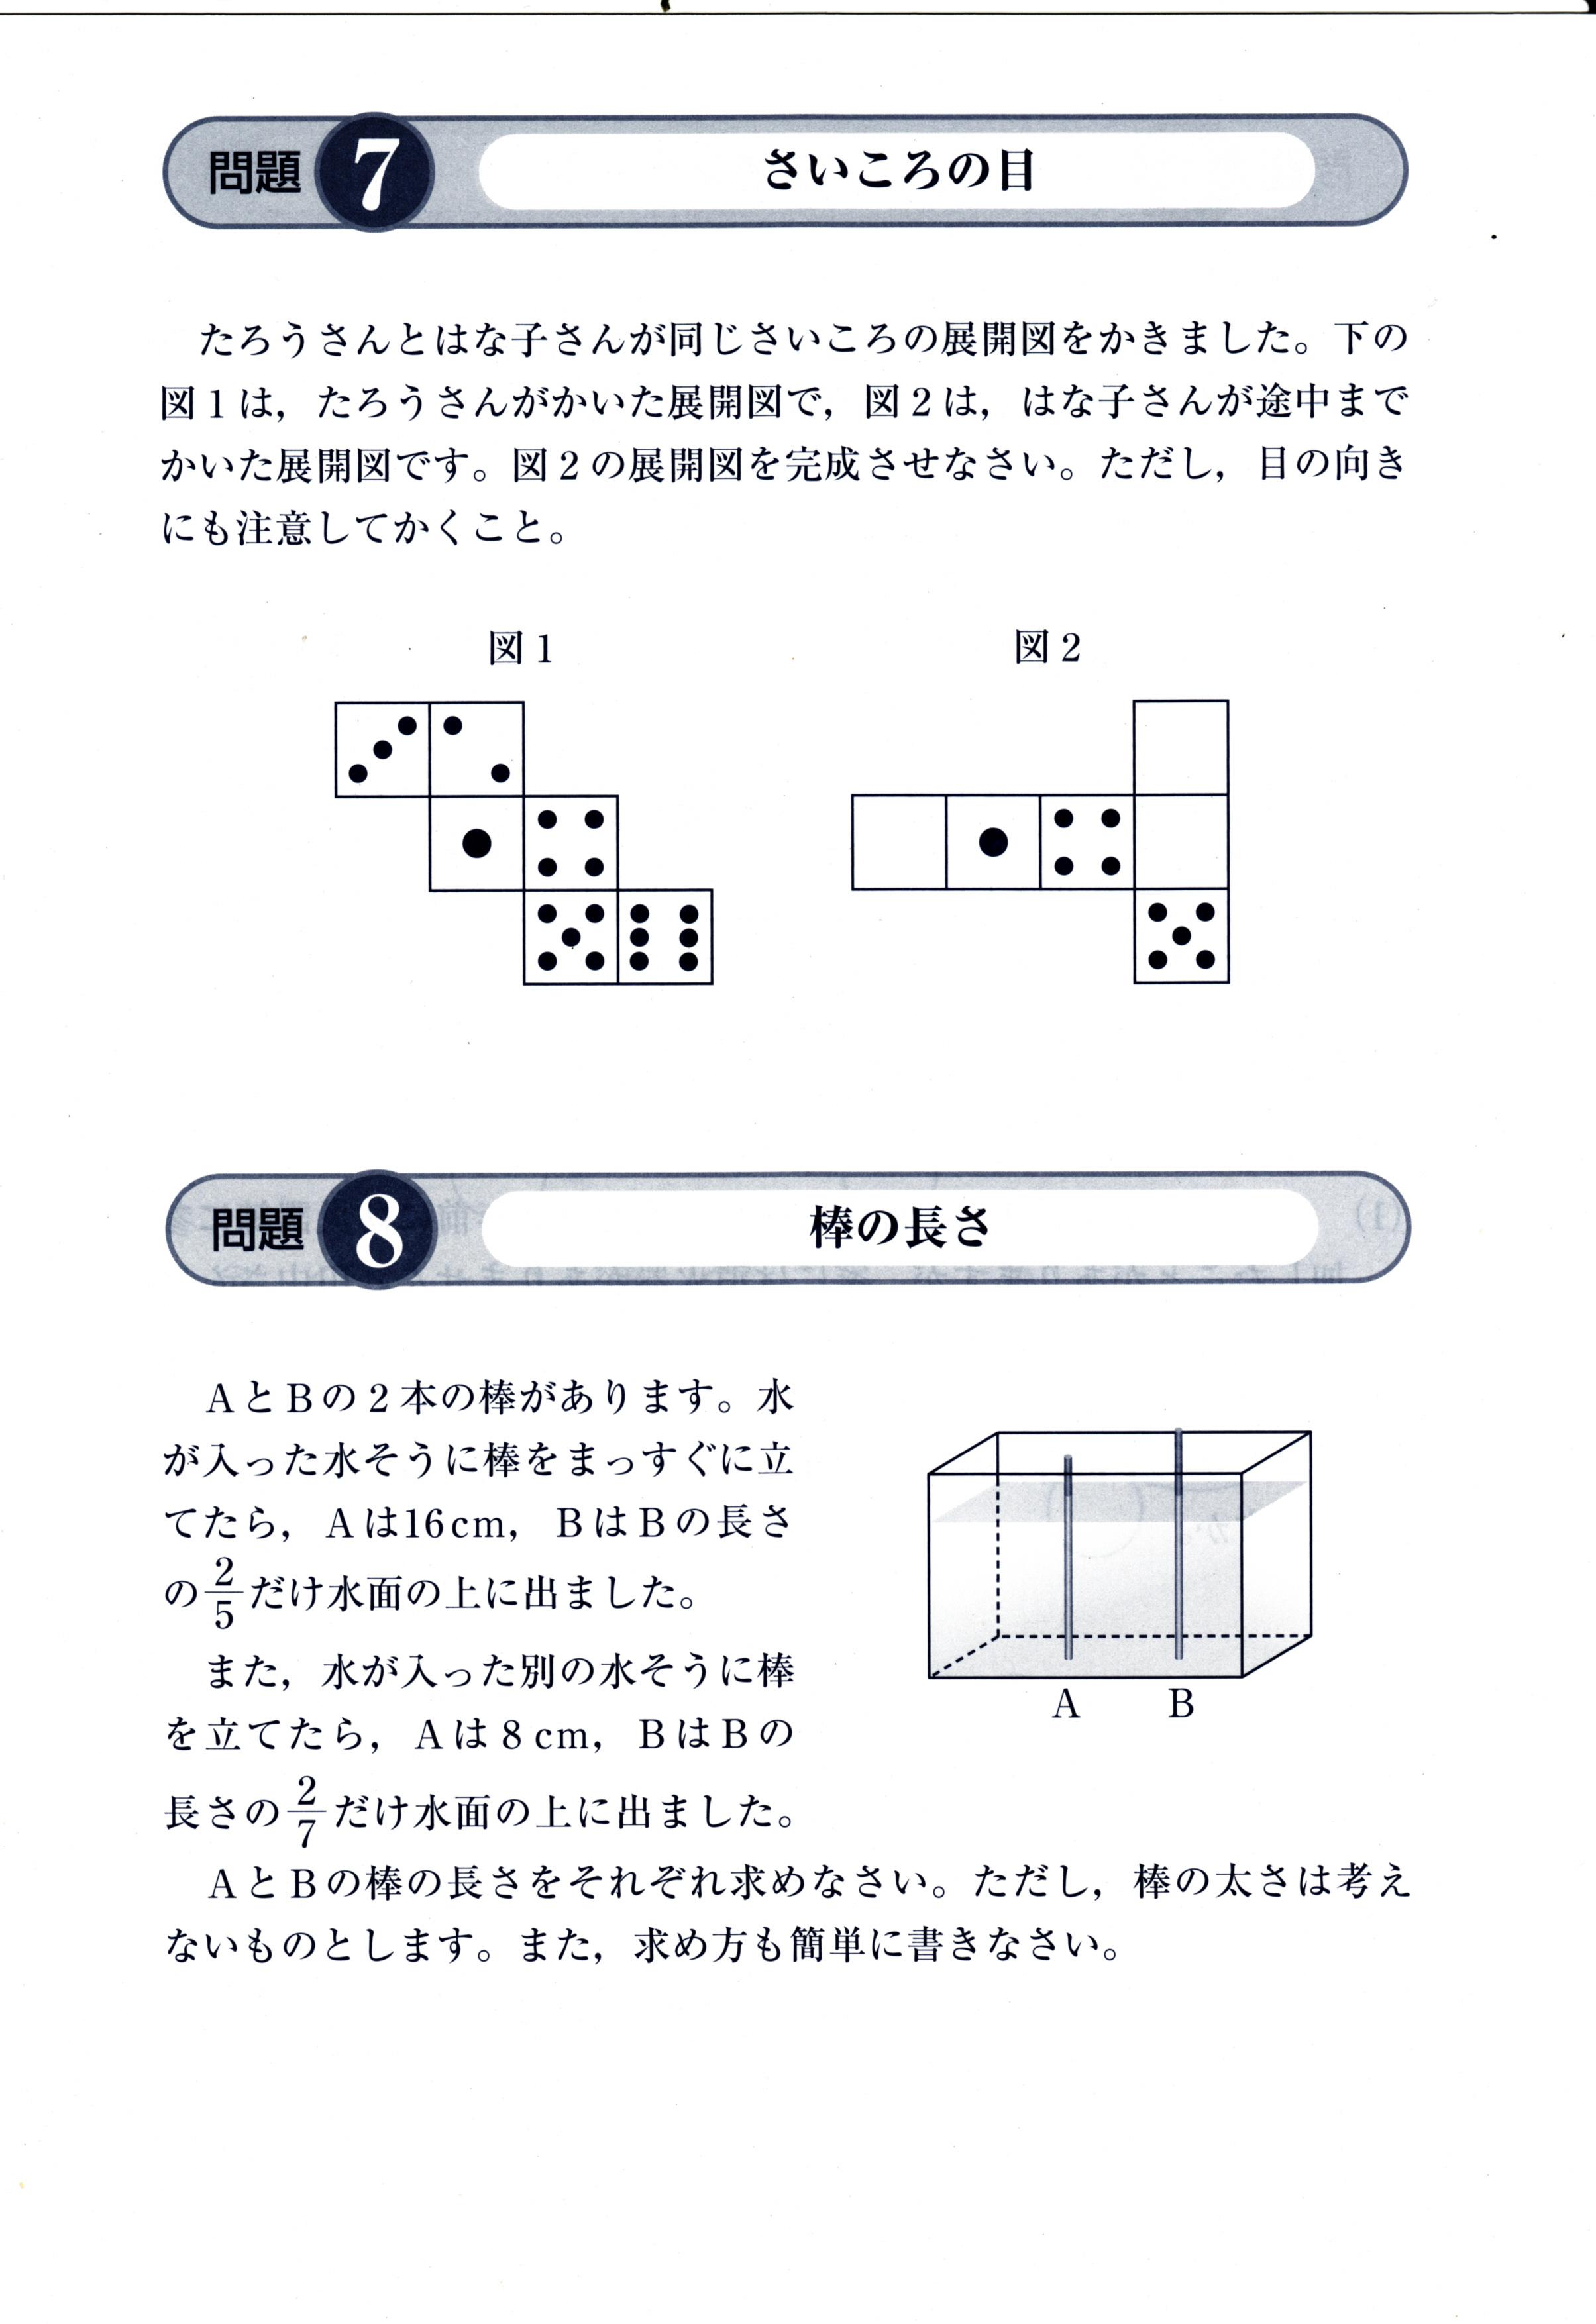 過去問題4級の類題